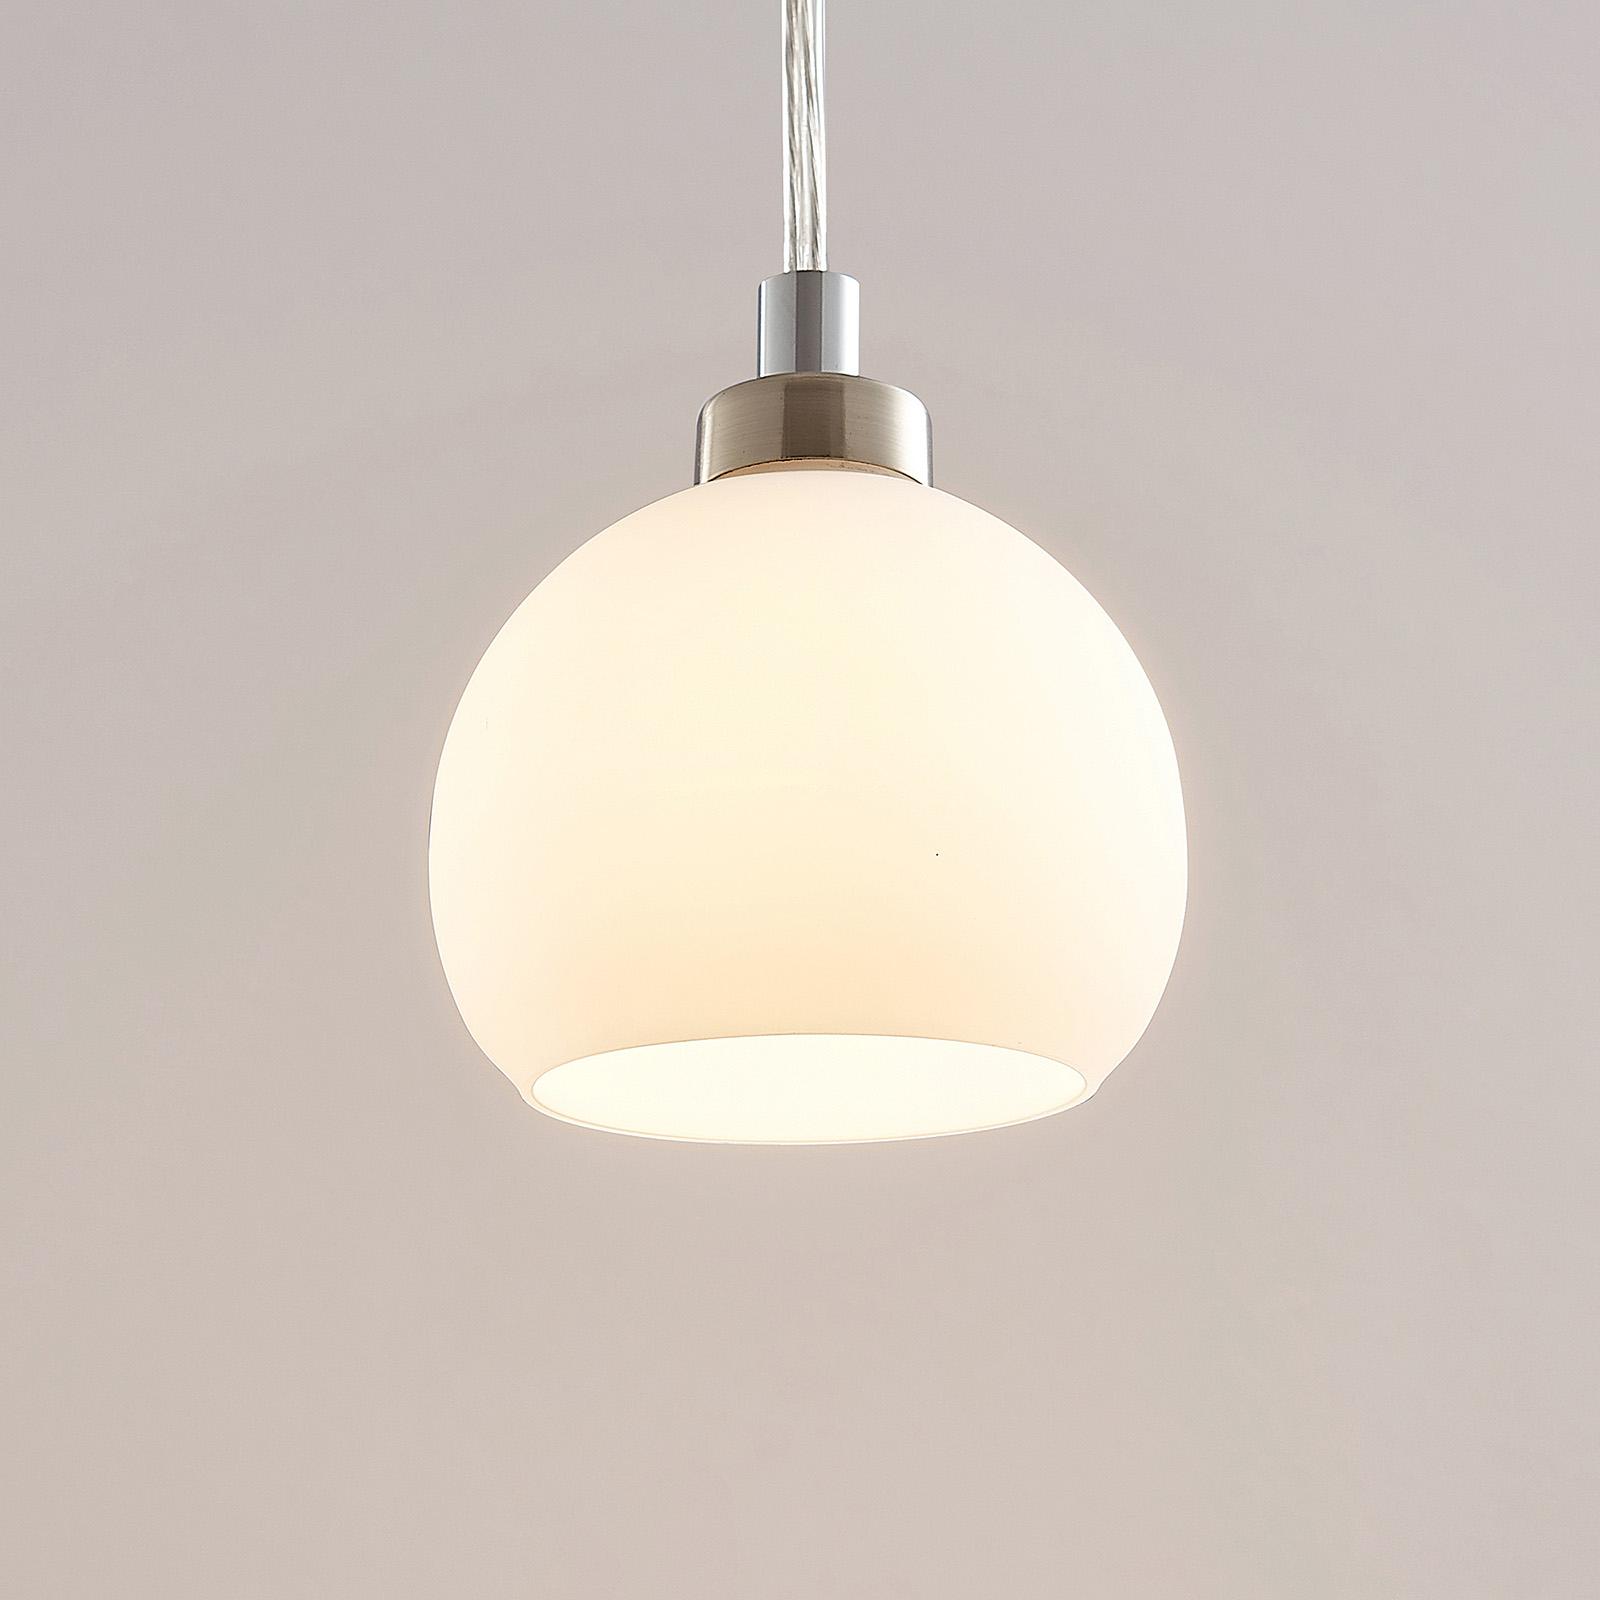 Lampa wisząca LED Kimi do szyny 1-fazowej, nikiel